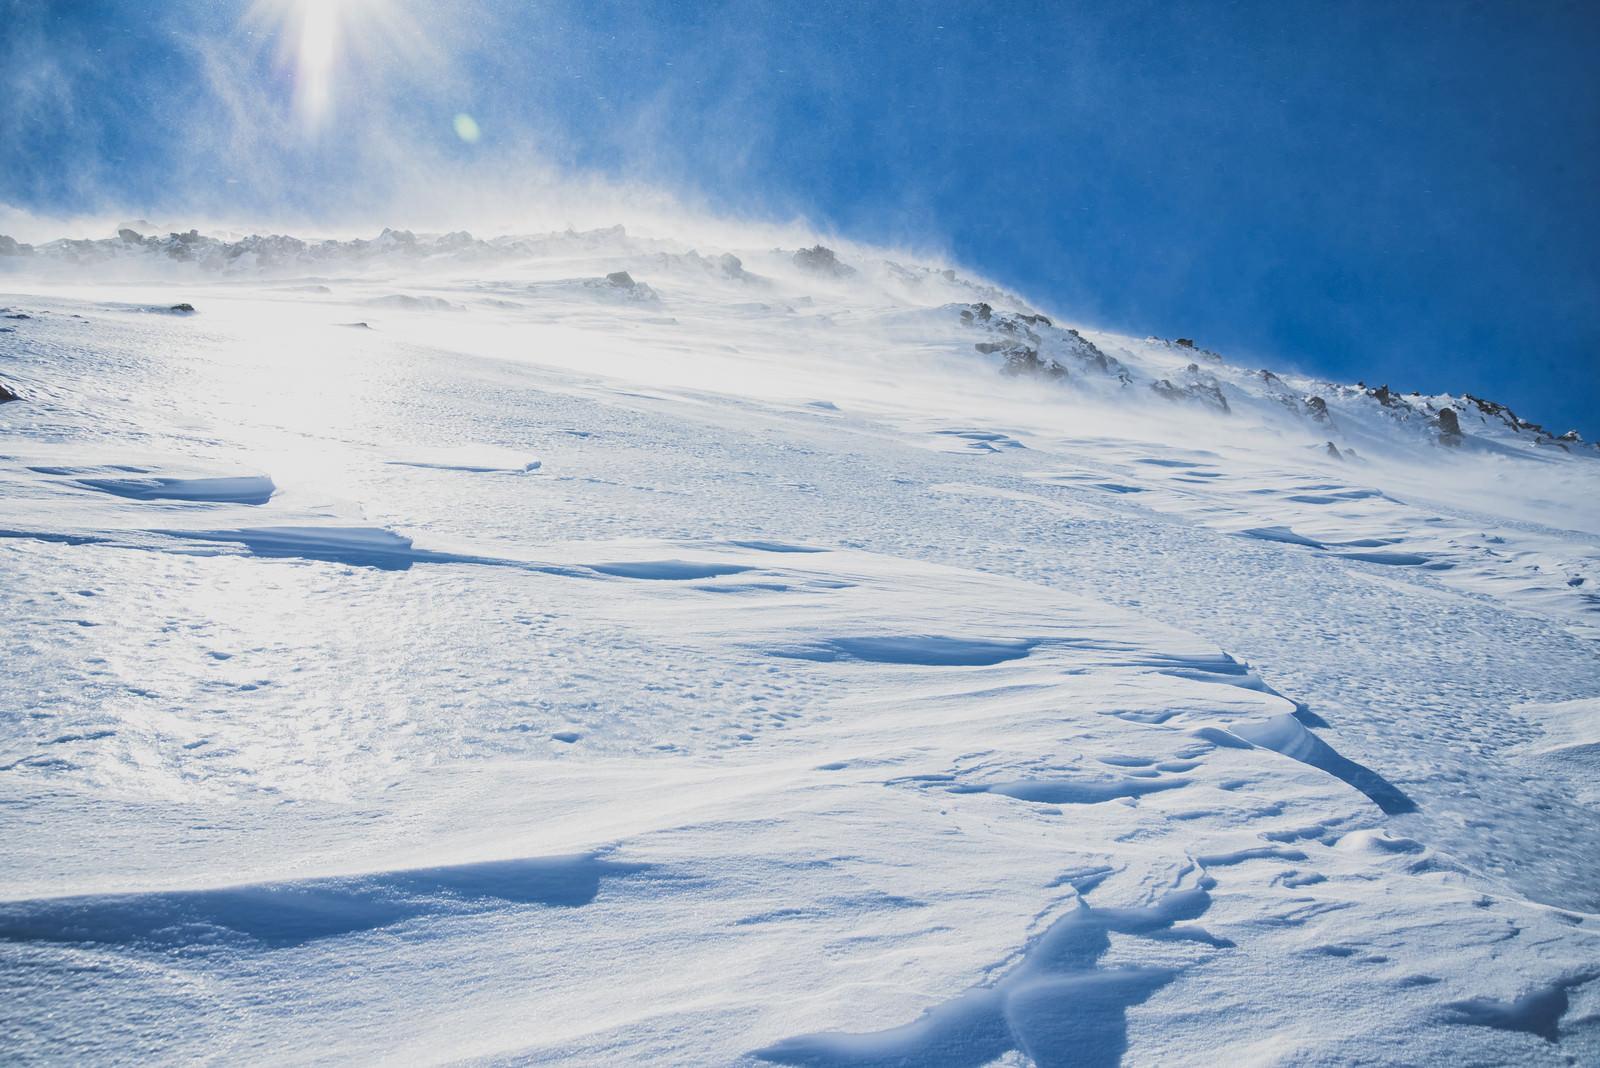 「太陽を一面に浴びる雪山の斜面」の写真